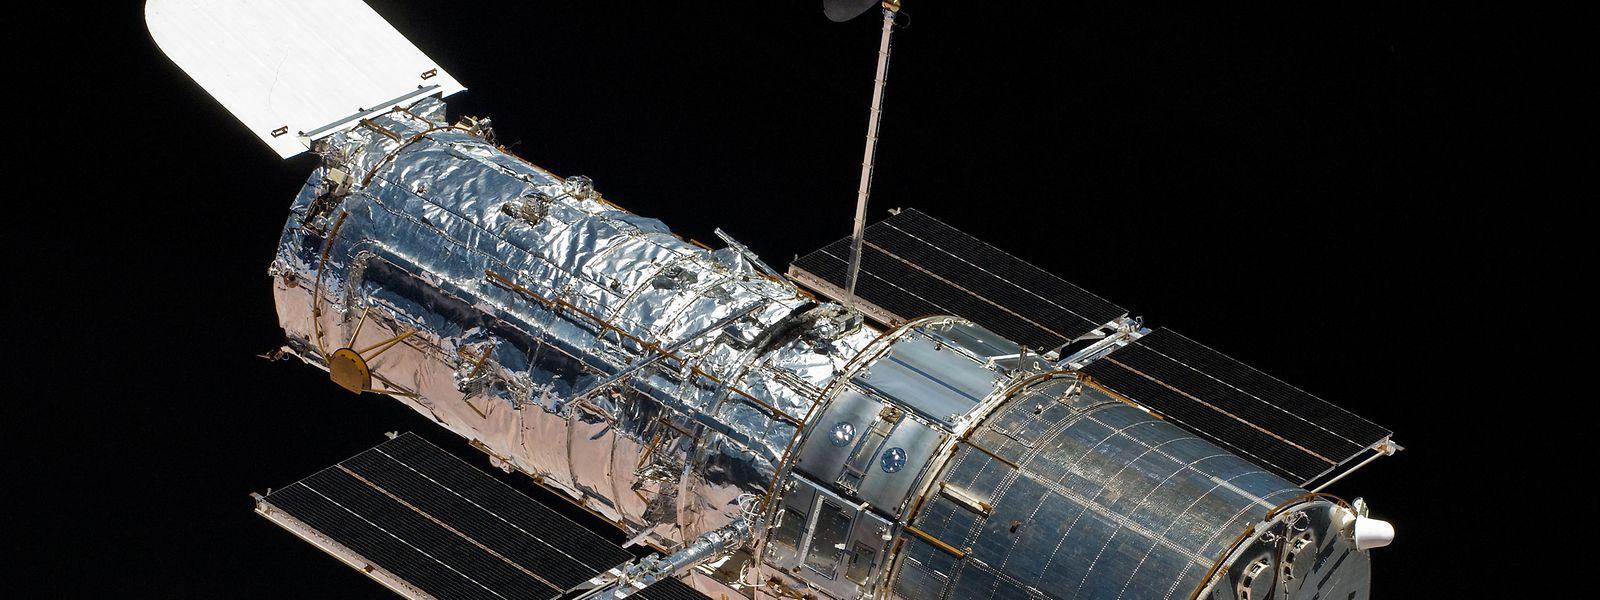 """Etwa so groß wie ein Bus: Das Weltraumteleskop """"Hubble"""". Am Freitag feiert es seinen 30. Geburtstag."""